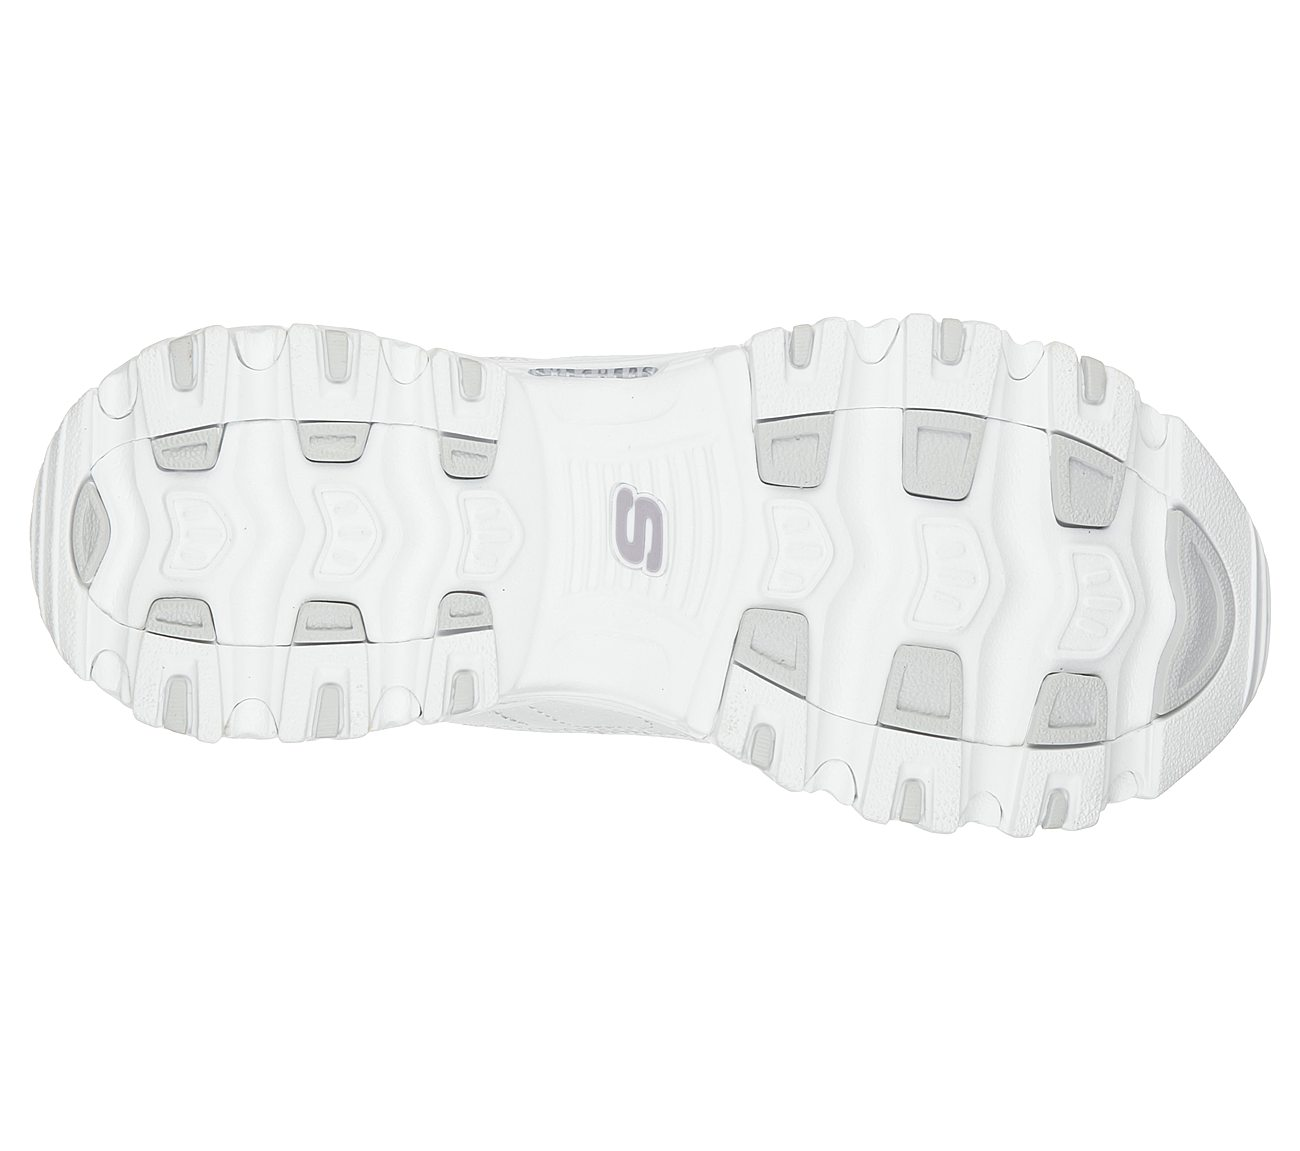 Skechers Skechers D'Lites Bright Sky femmes's Slip On Clog Sneakers, Size: 8, White from Kohl's   more